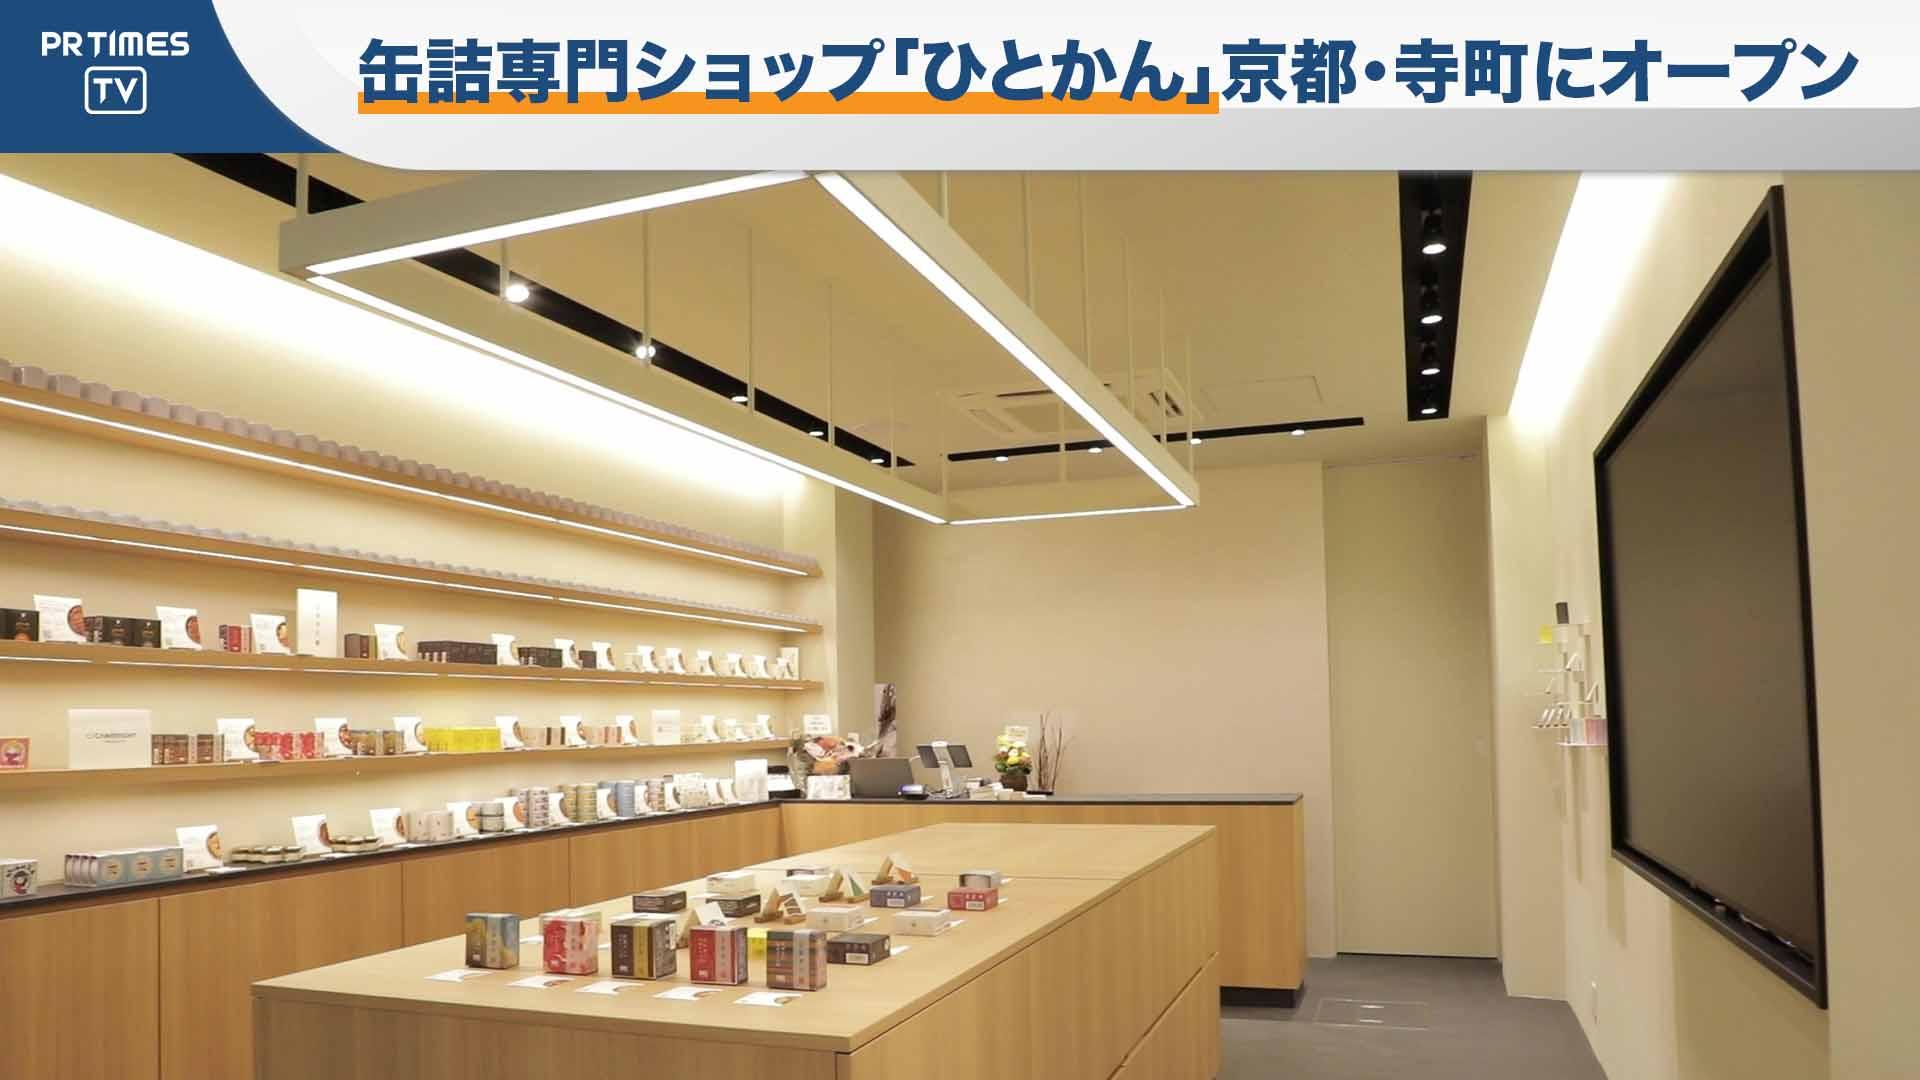 缶詰専門ショップ「ひとかん」旗艦店、11月22日(金)京都・寺町にオープン